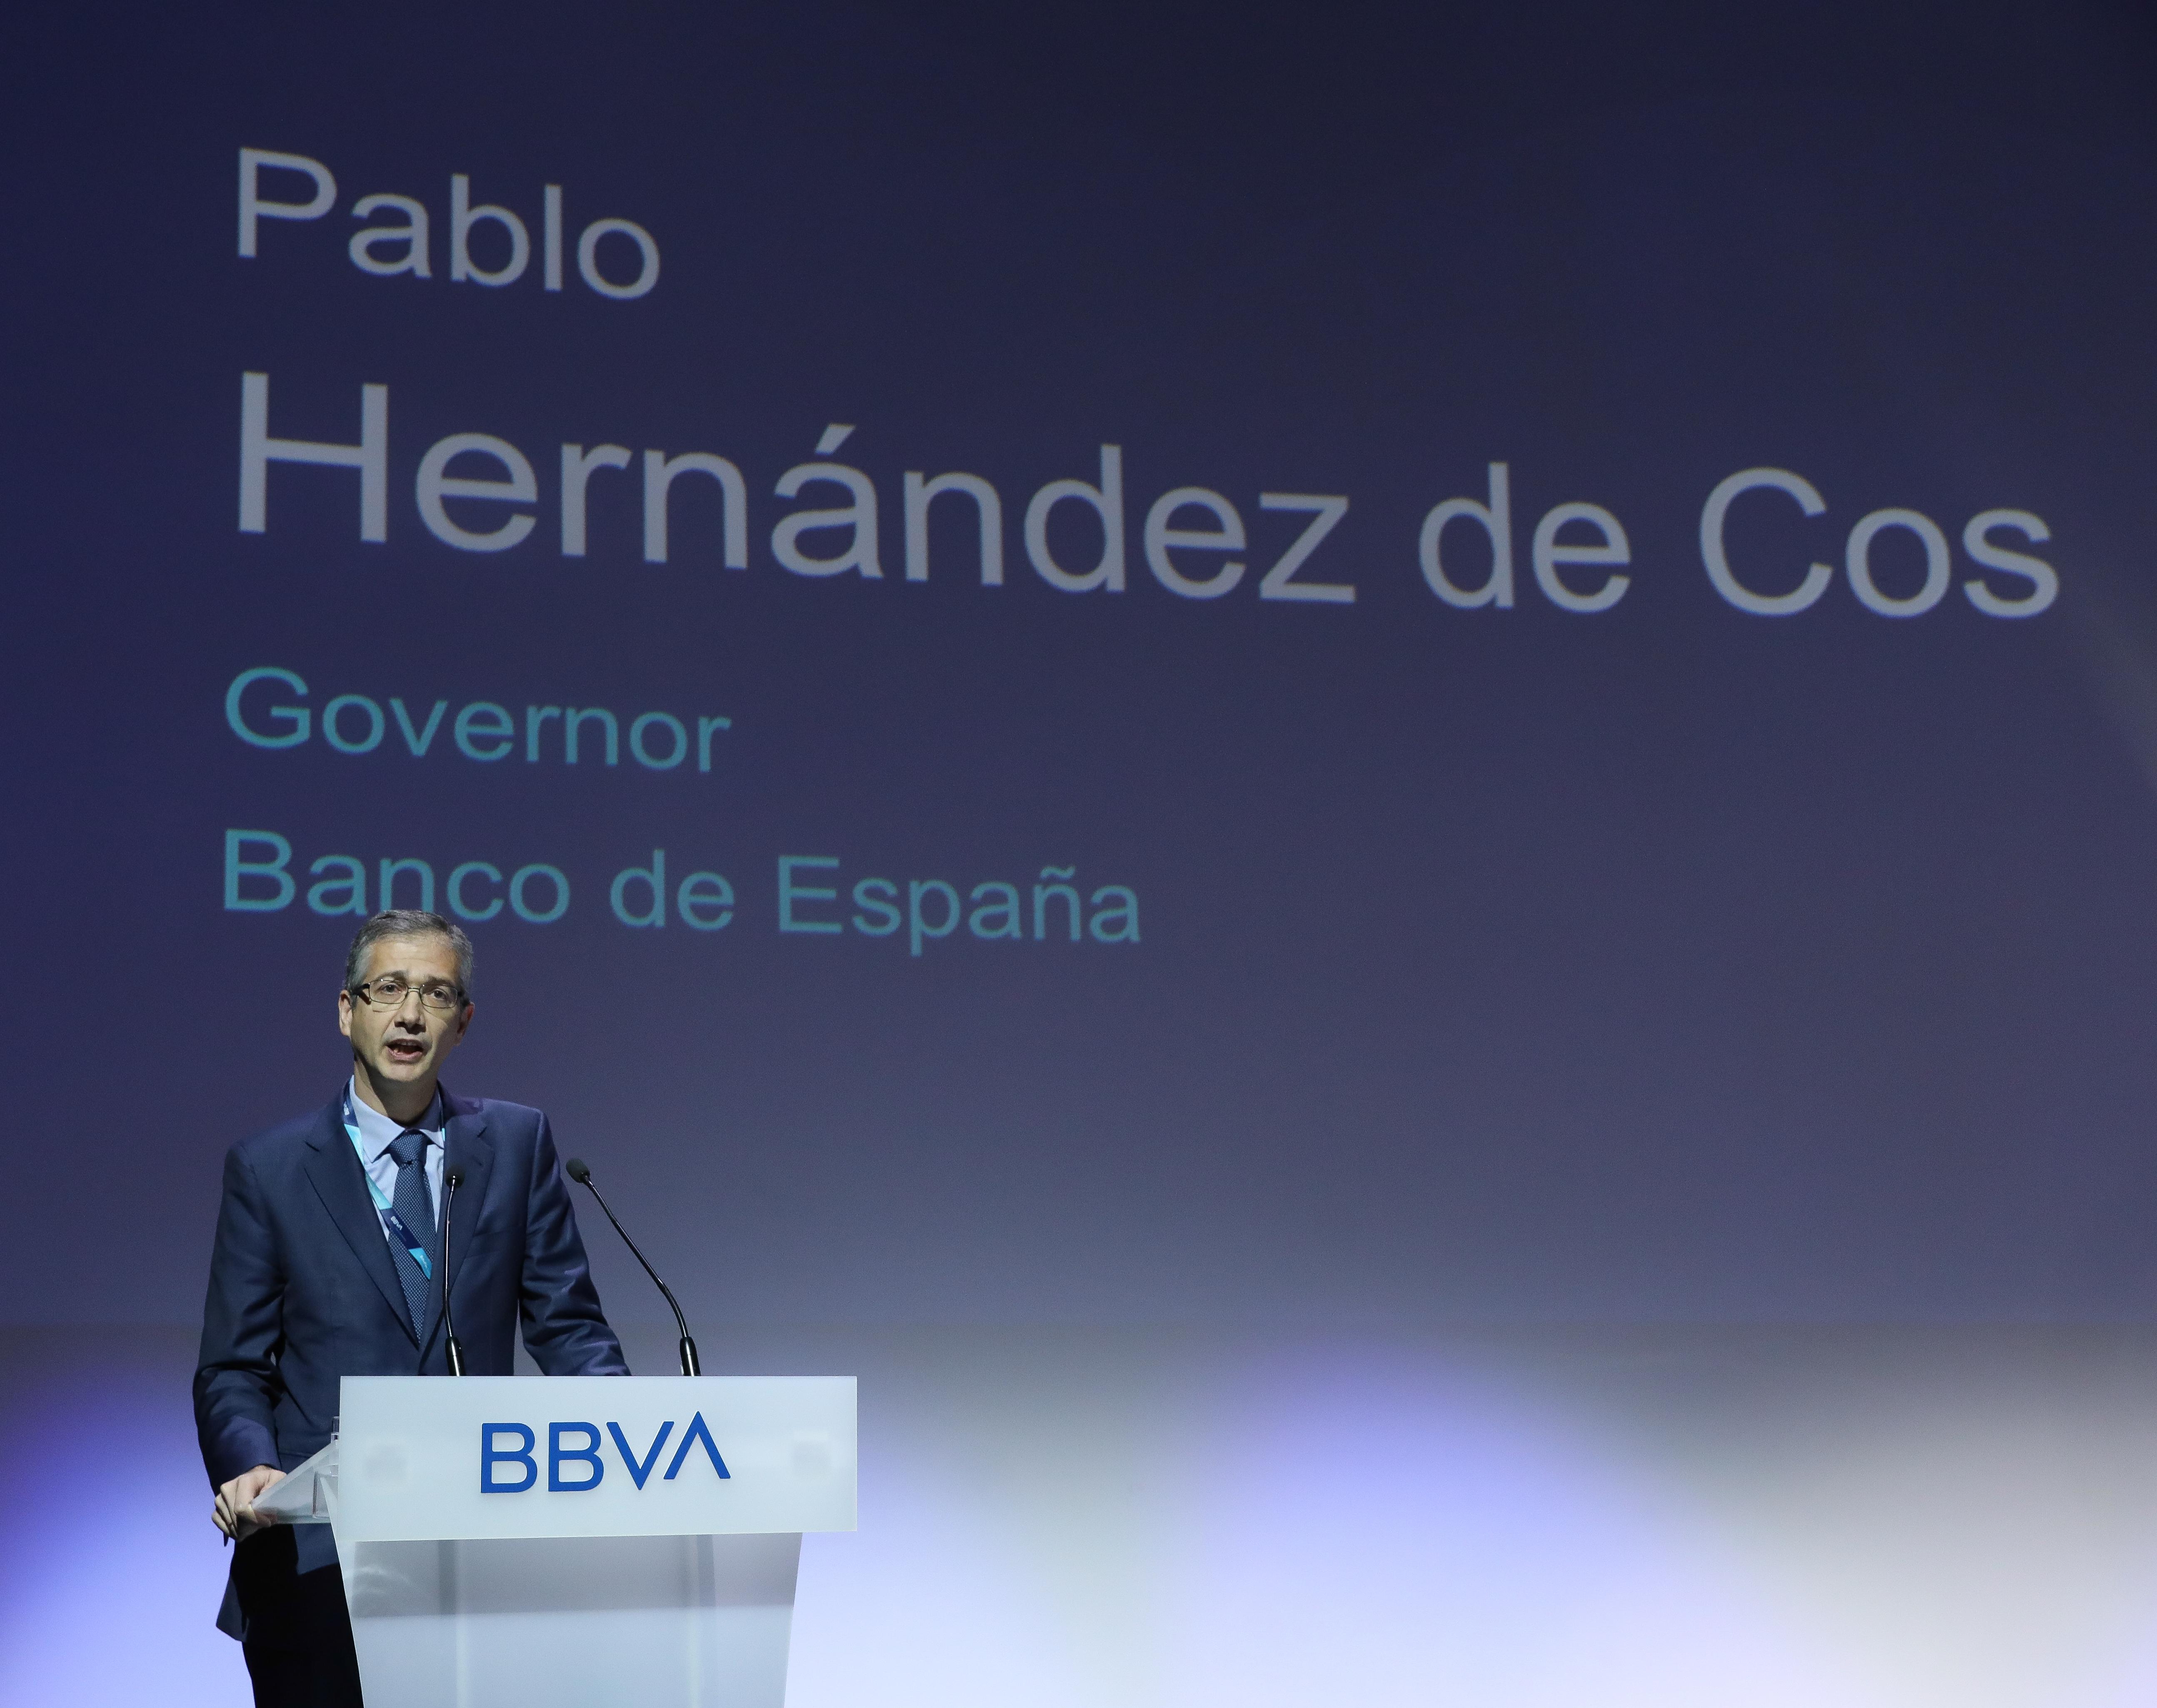 Intervención de Pablo Herández de Cos, gobernador del Banco de España